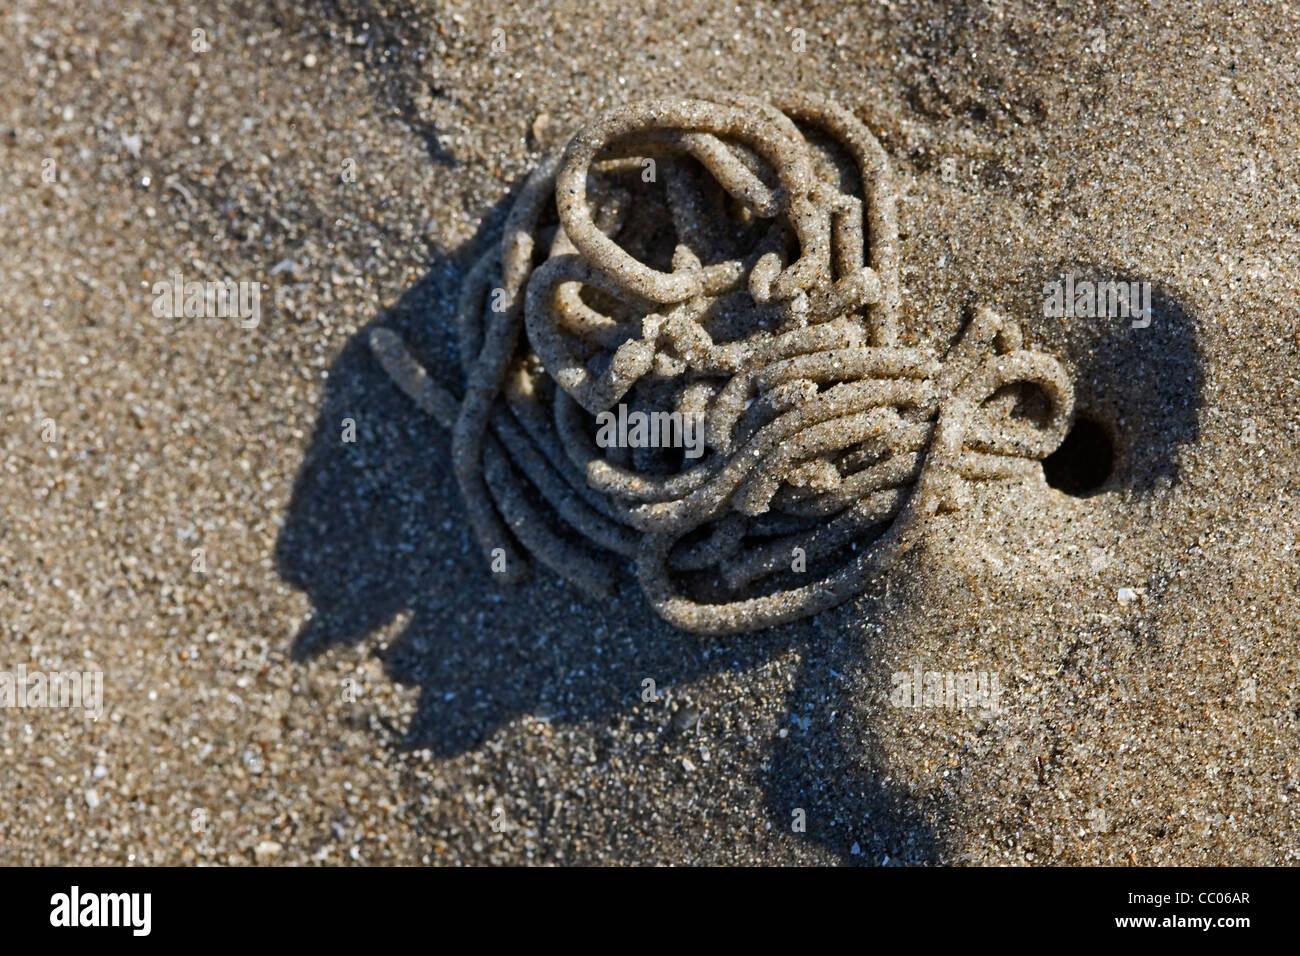 Europäische Wattwurm (Interpretation Marina) Besetzung von Defaecated Sediment am Strand bei Ebbe, Nordsee, Stockbild